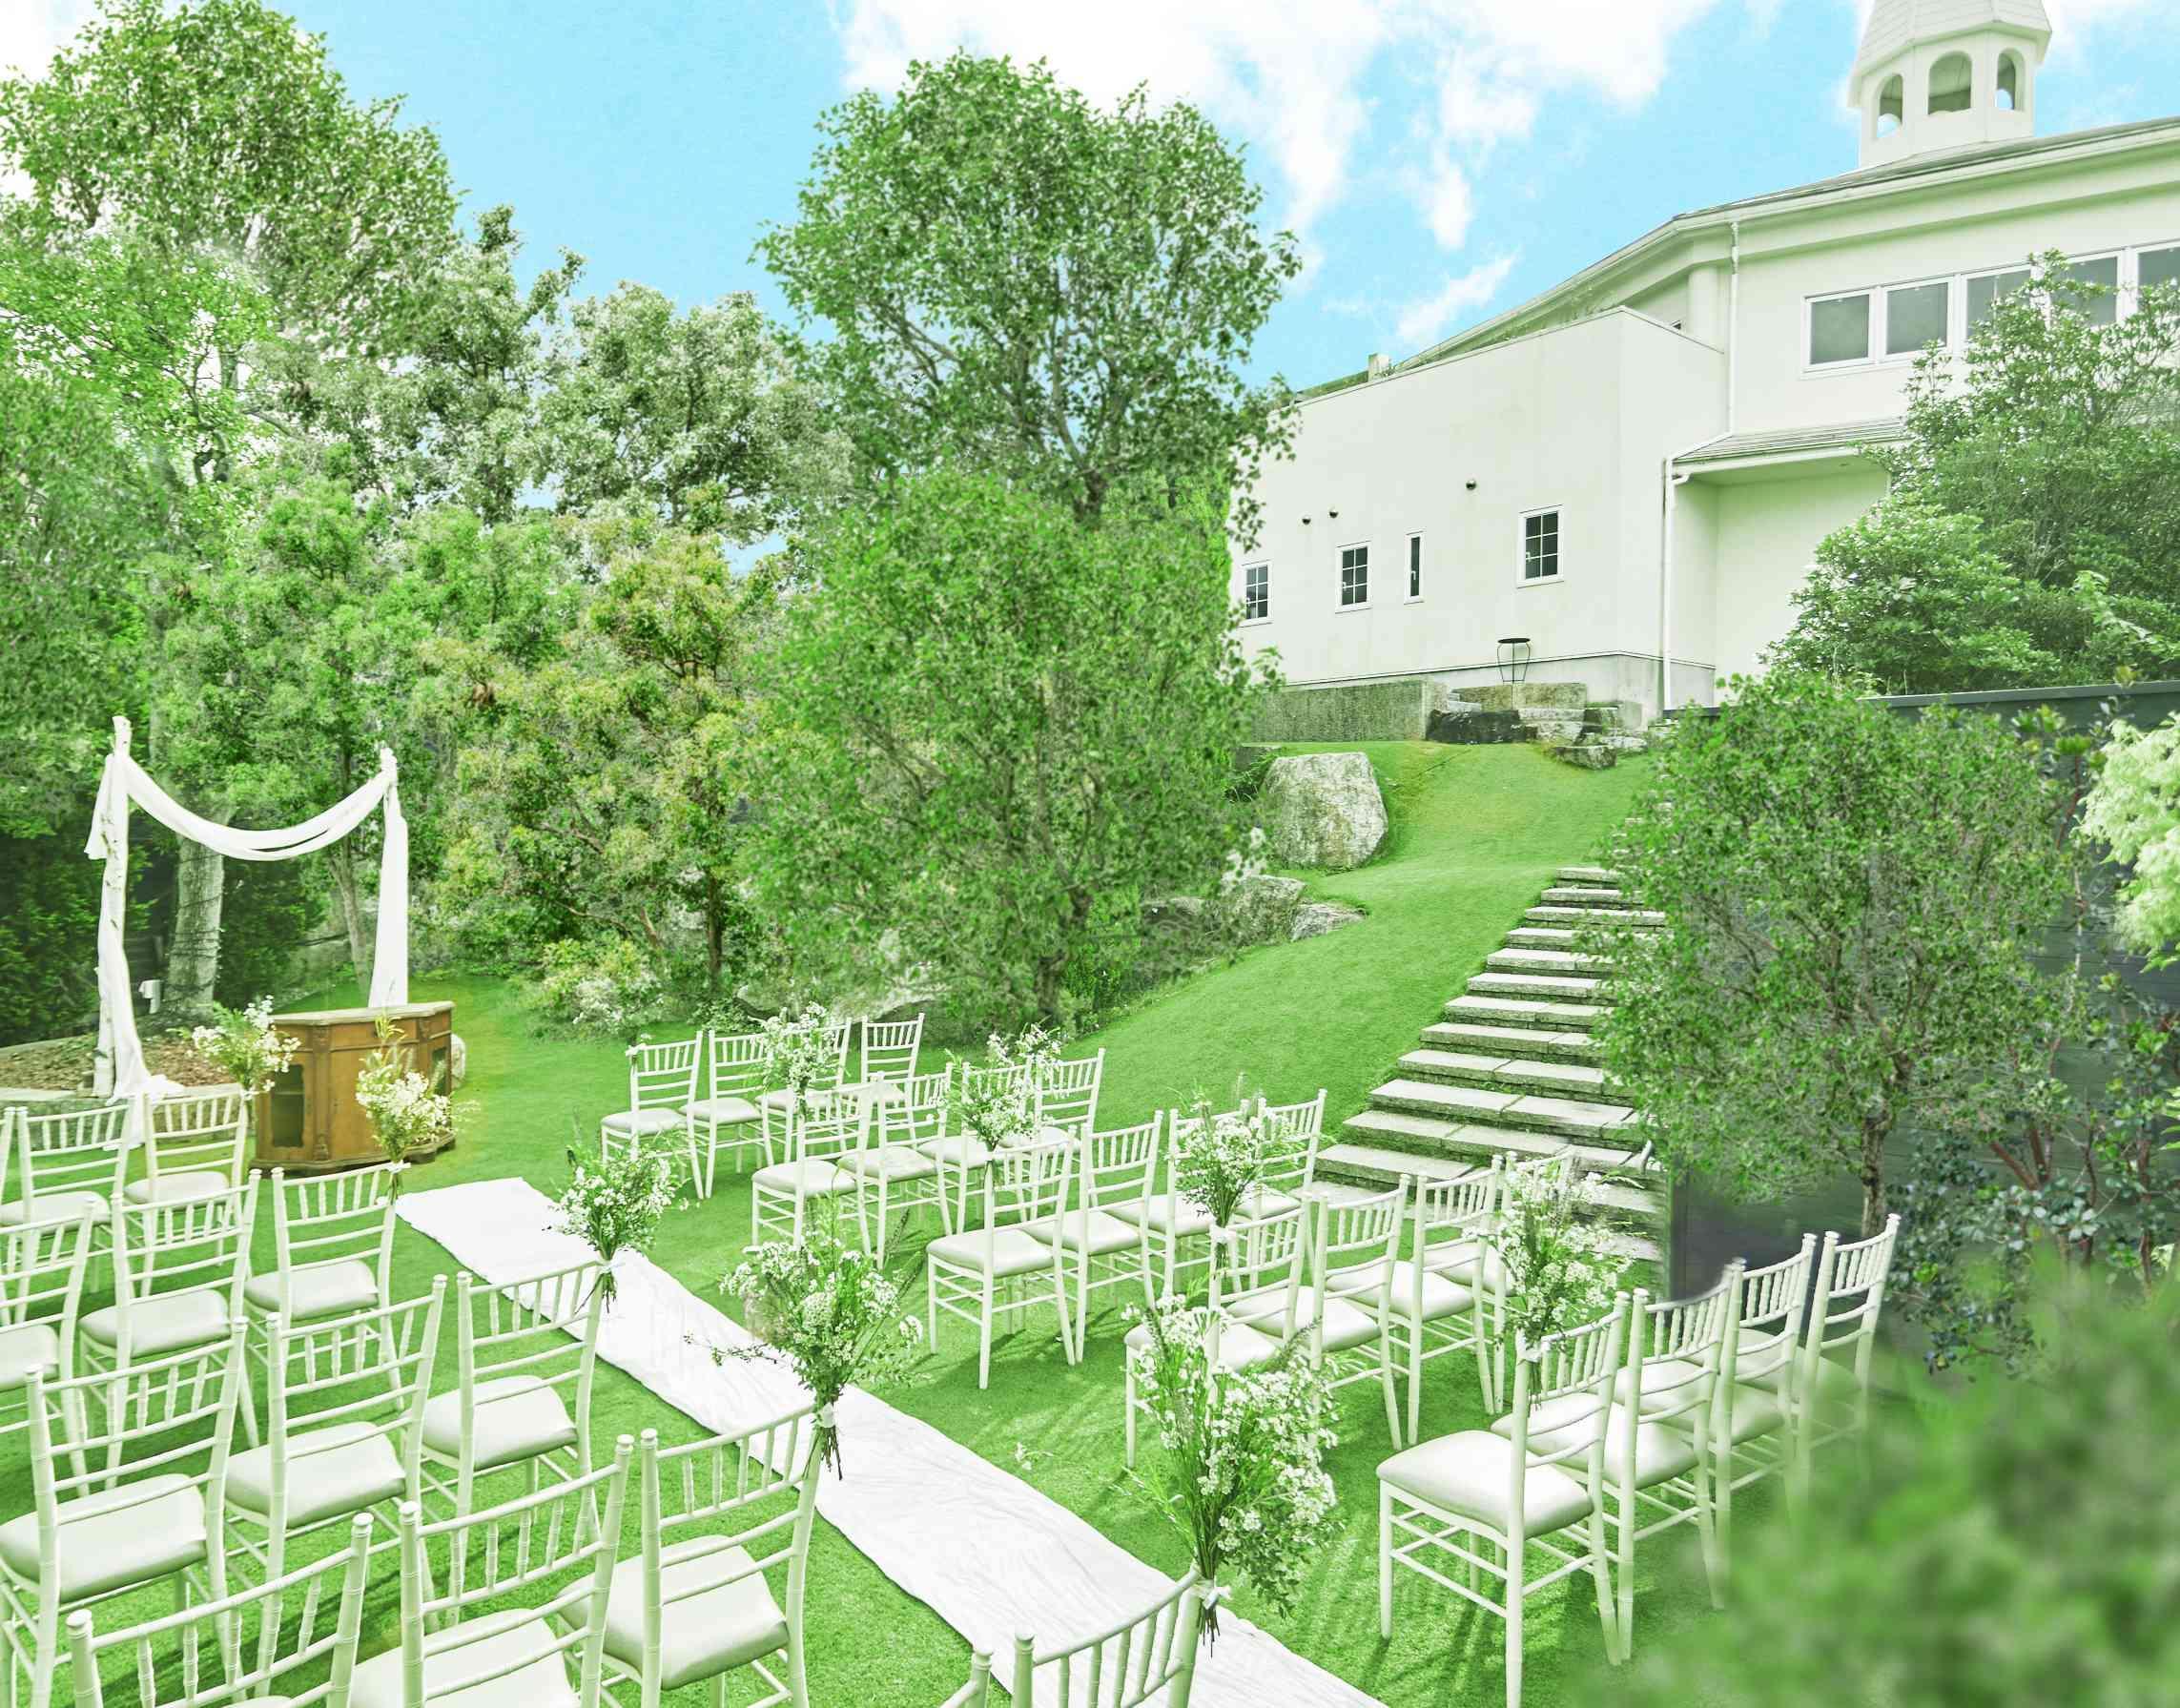 5月の結婚式は費用が高い 人気のワケと日取りの選び方